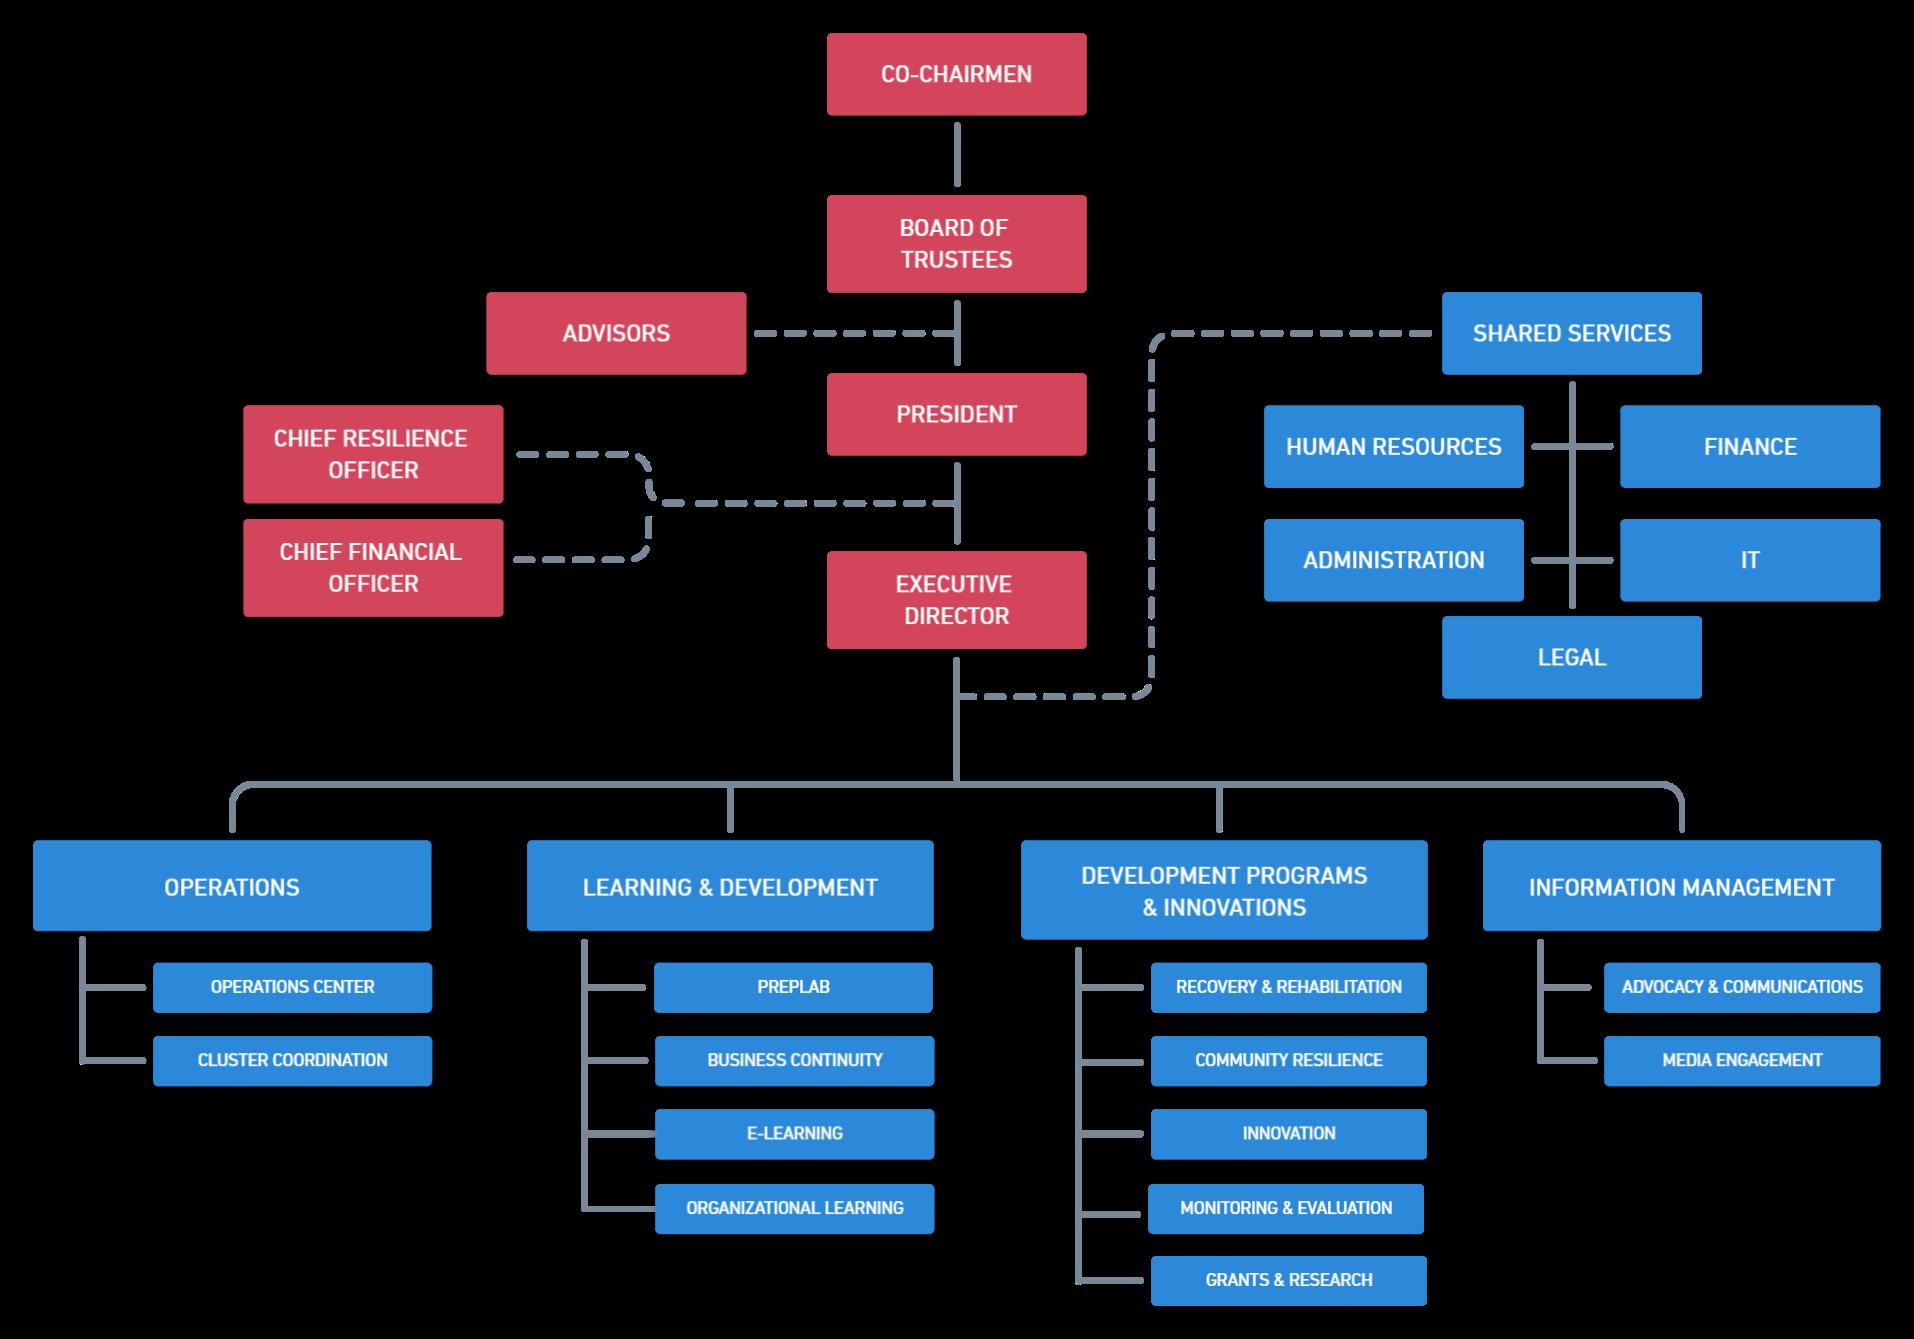 PDRF organizational chart